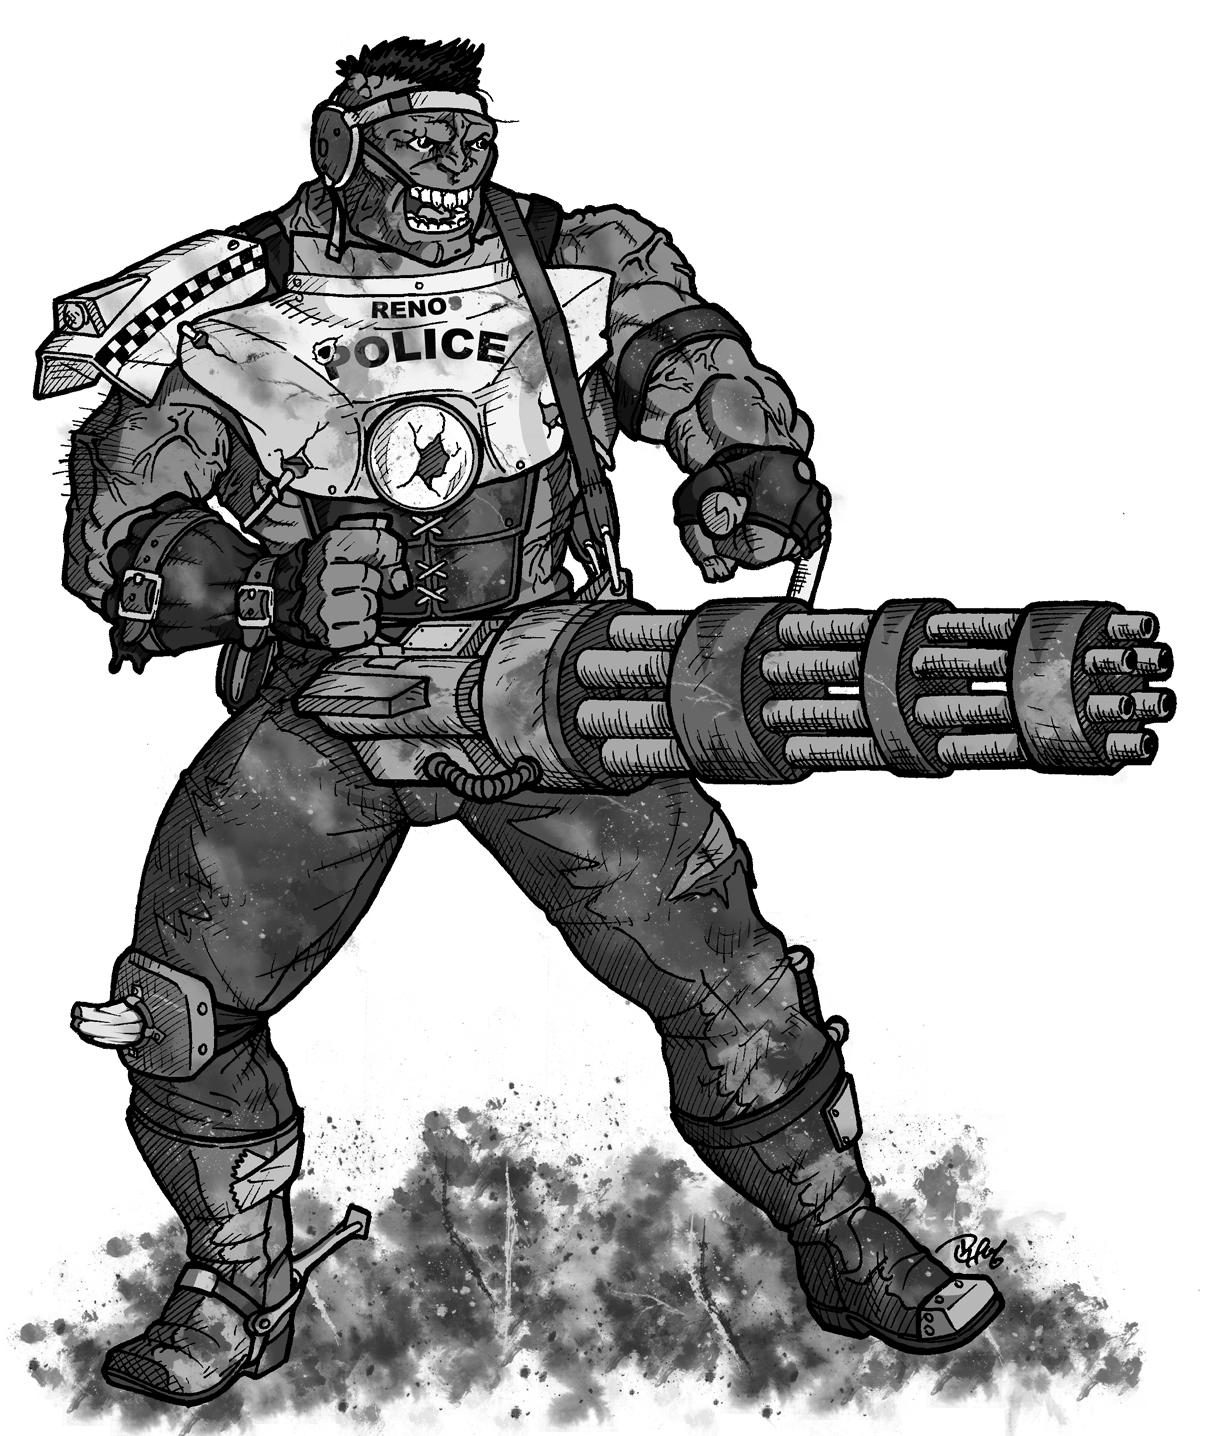 Fallout_d20_super_mutant_by_Tensen01